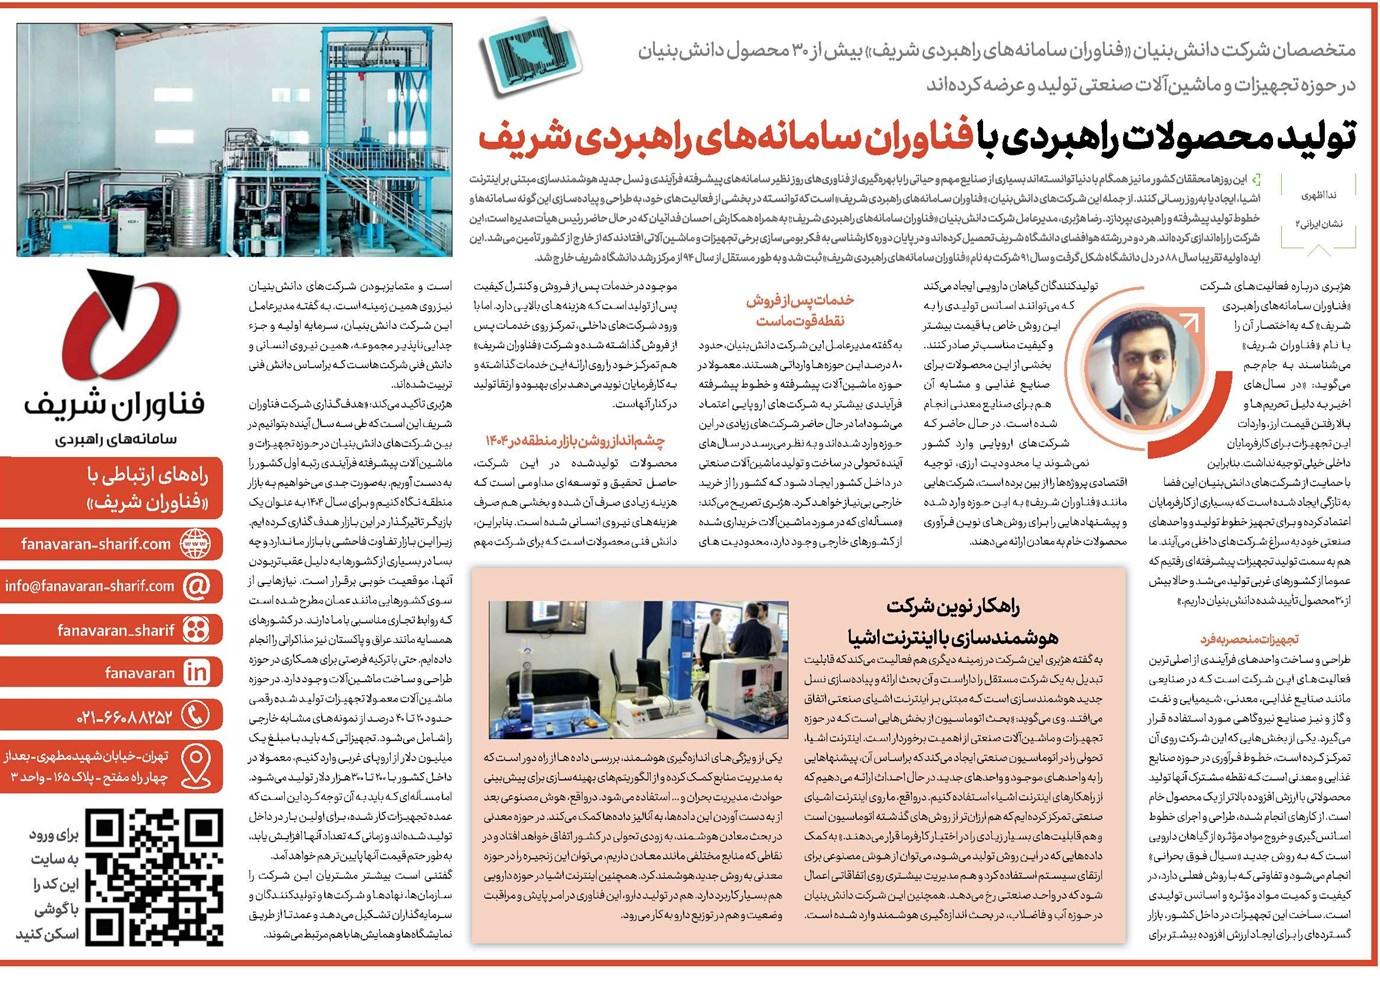 تولید محصولات راهبردی با فناوران سامانههای راهبردی شریف